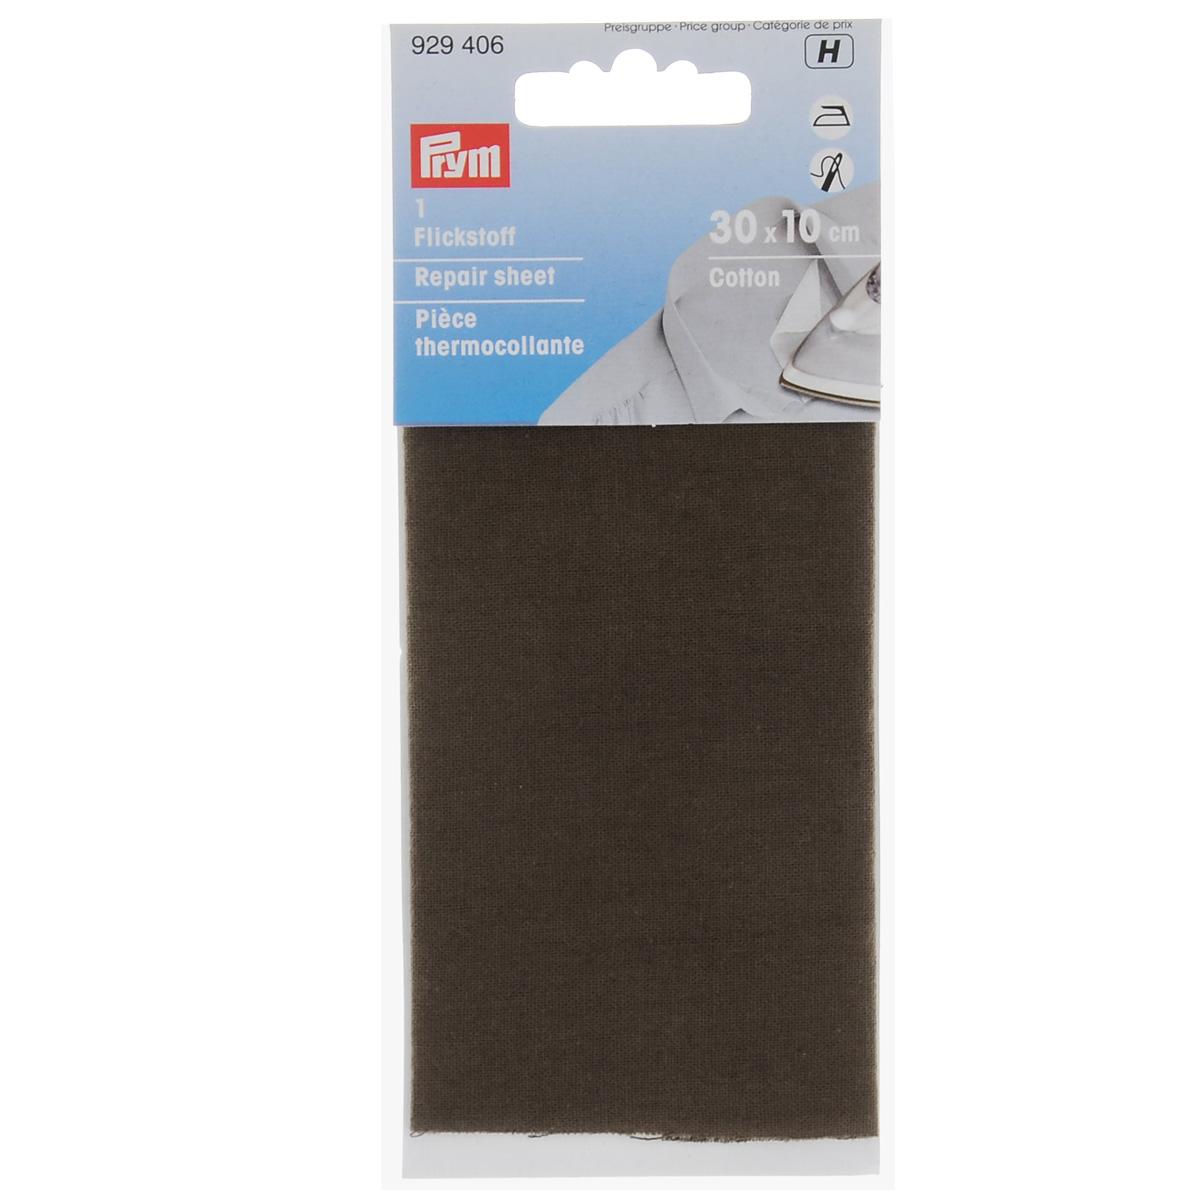 Термоткань для заплаток Prym, цвет: коричневый, 30 х 10 см929406Однотонная термоткань Prym, изготовленная из 100% хлопка и оснащенная с обратной стороны клеевым слоем, используется в качестве заплаток. С помощью нее вы сможете быстро и без труда заделать дырку в джинсах, шортах и пр. Обрежьте края дырки от лишних ниток, прогладьте их утюгом, приложите заранее отрезанный кусок термоткани нужного размера и как следует прогладьте ткань не менее 12 секунд. Для дополнительной прочности ткань можно еще и настрочить. Размер: 30 см х 10 см.